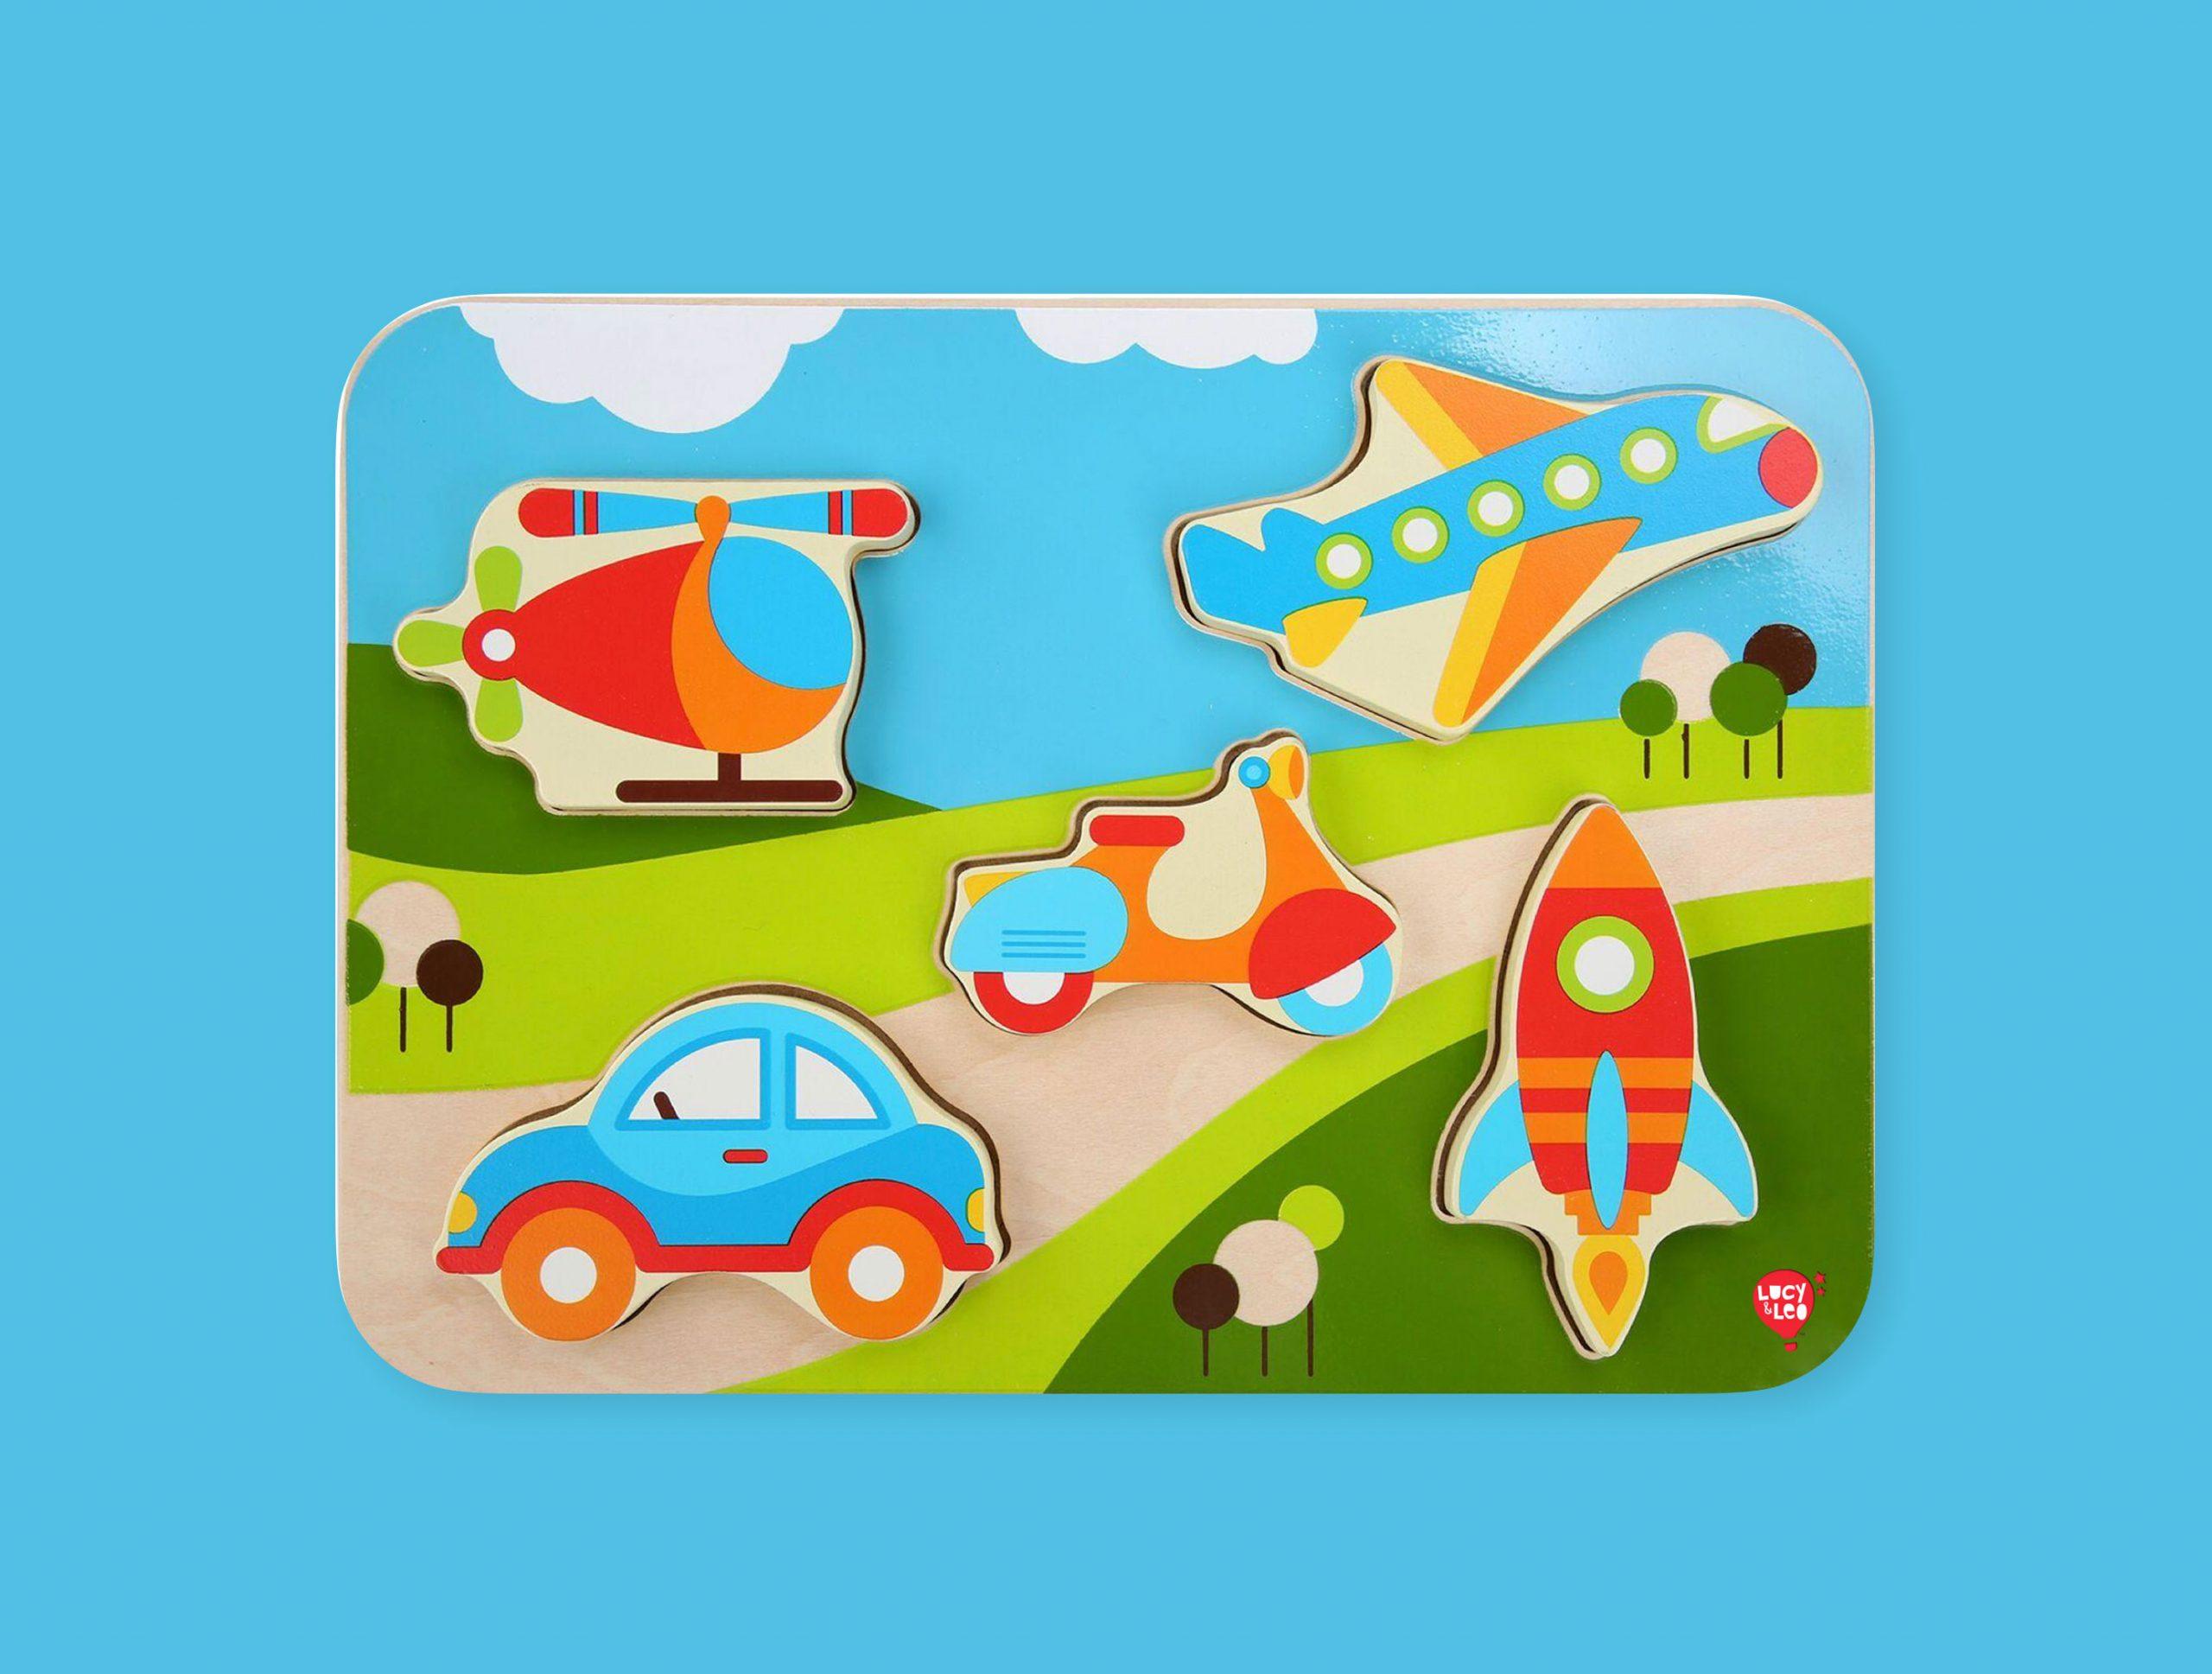 LL-Trasnport-illustration-toy